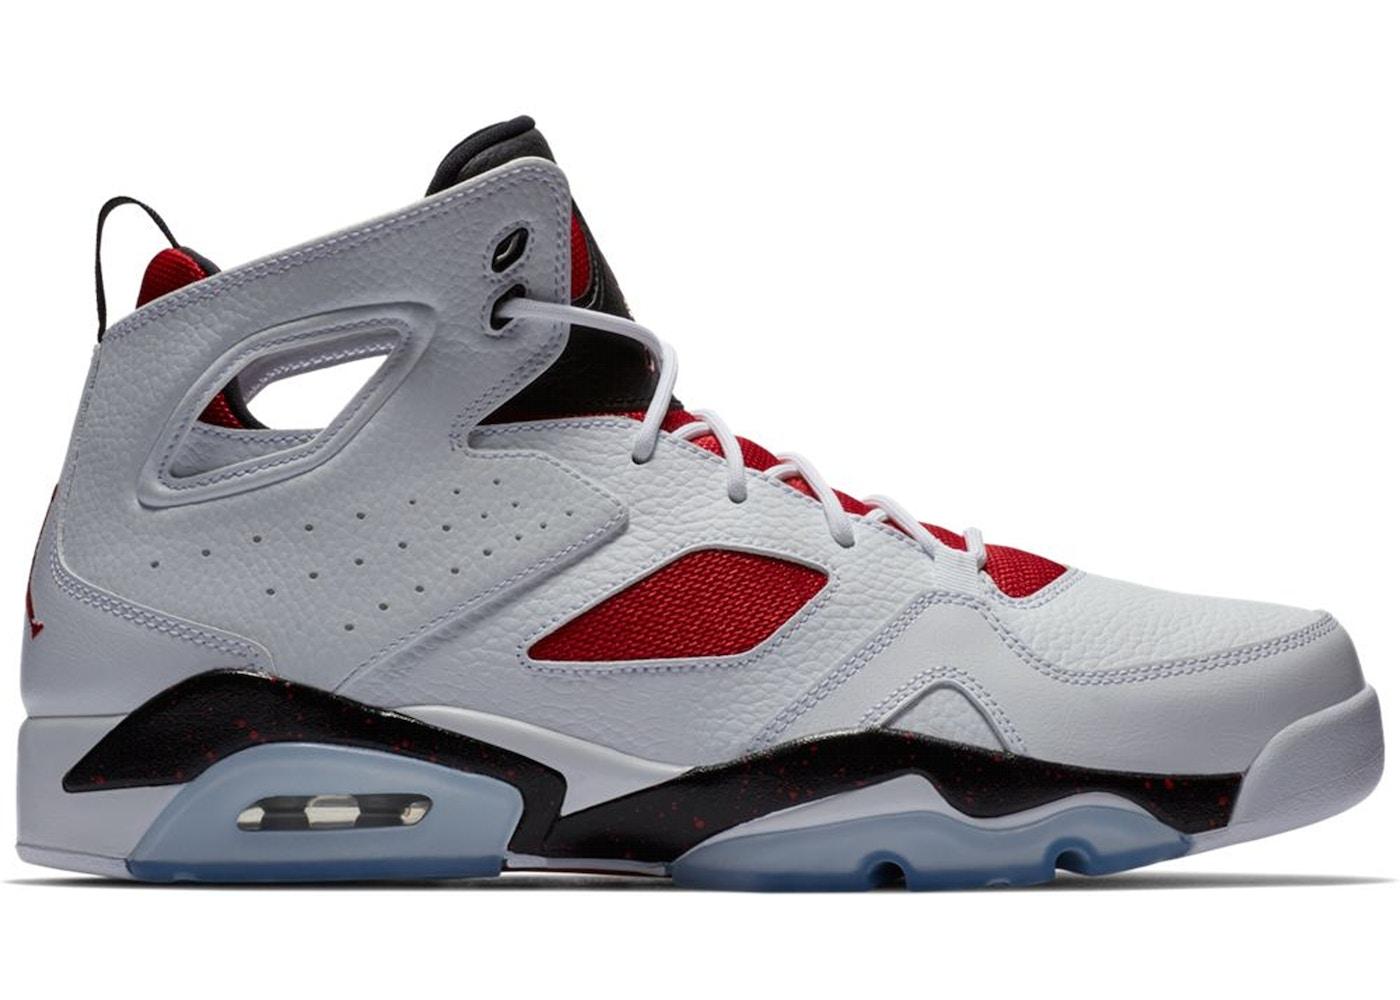 698fa4e8c1b2 Jordan Flightclub 91 White Black Gym Red - 555475-121